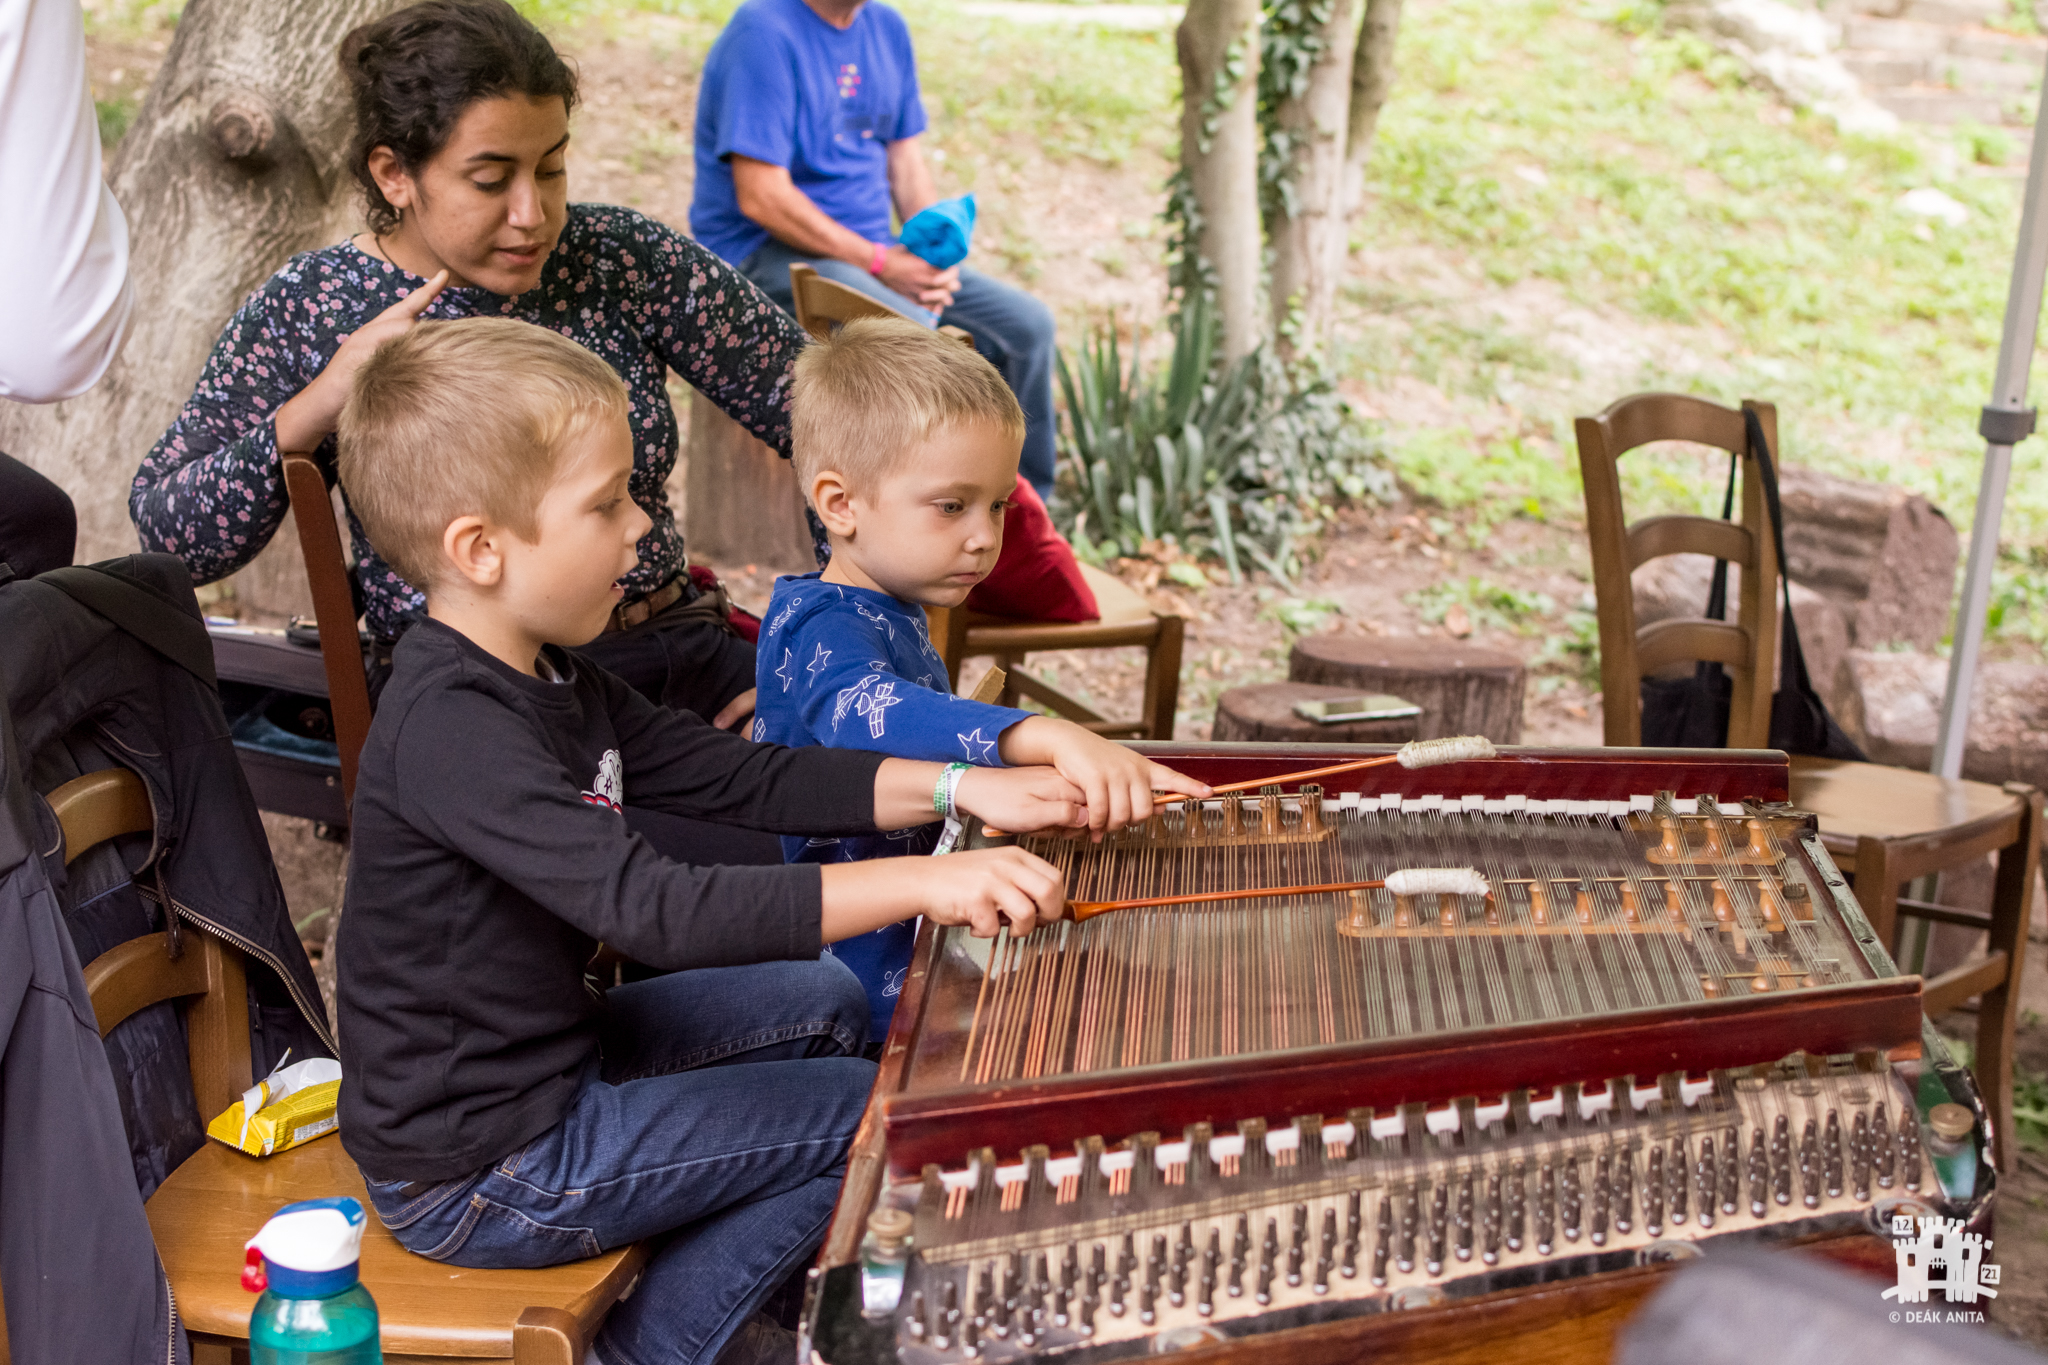 Hangszerek játékosan gyerekeknek